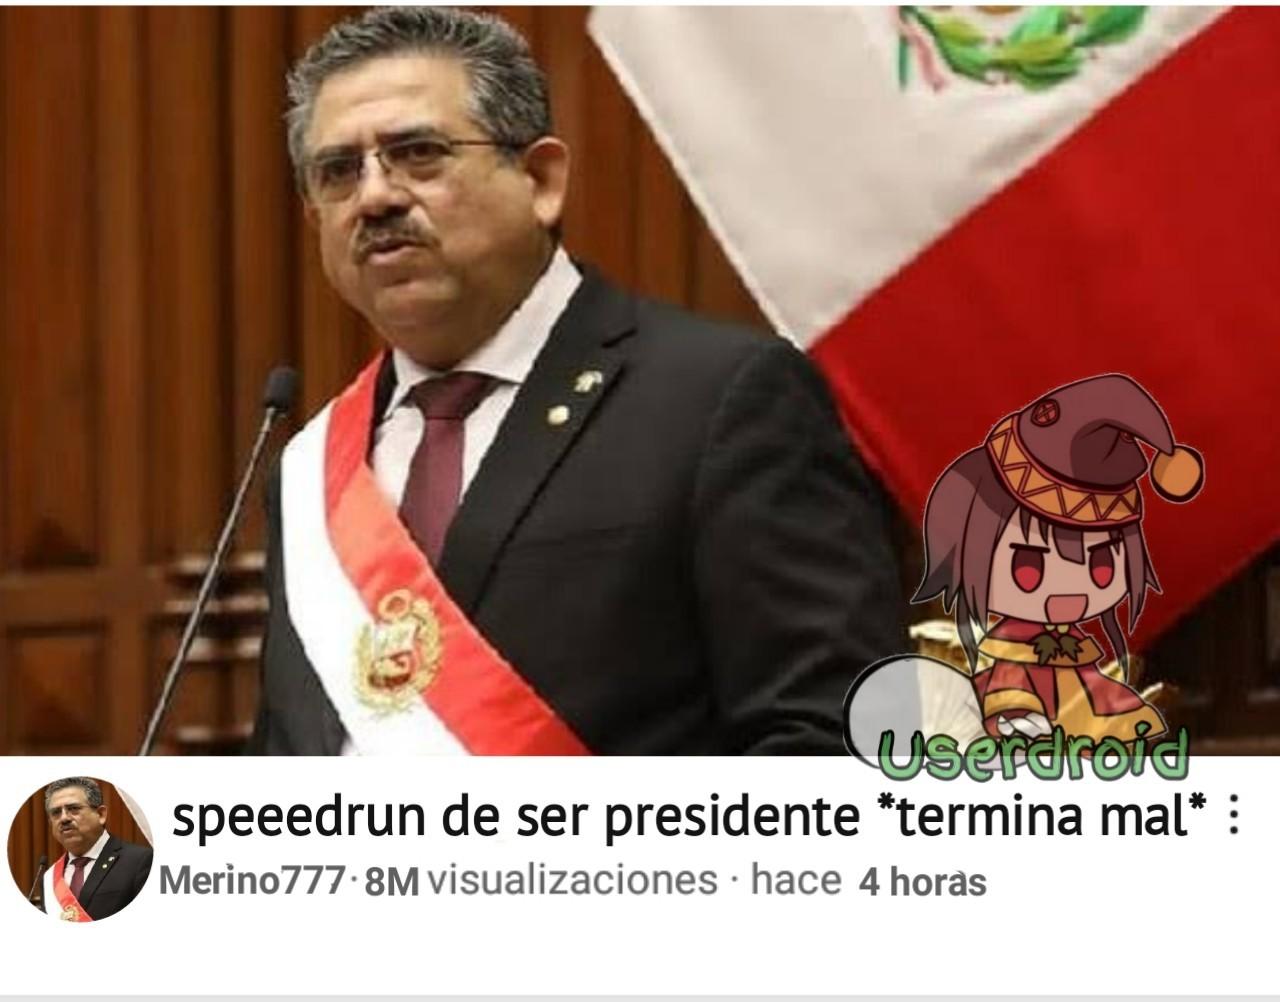 Contexto: Merino fue el nuevo presidente del Perú y se lo funaron, sólo duró 6 días siendo presidente, un nuevo récord - meme